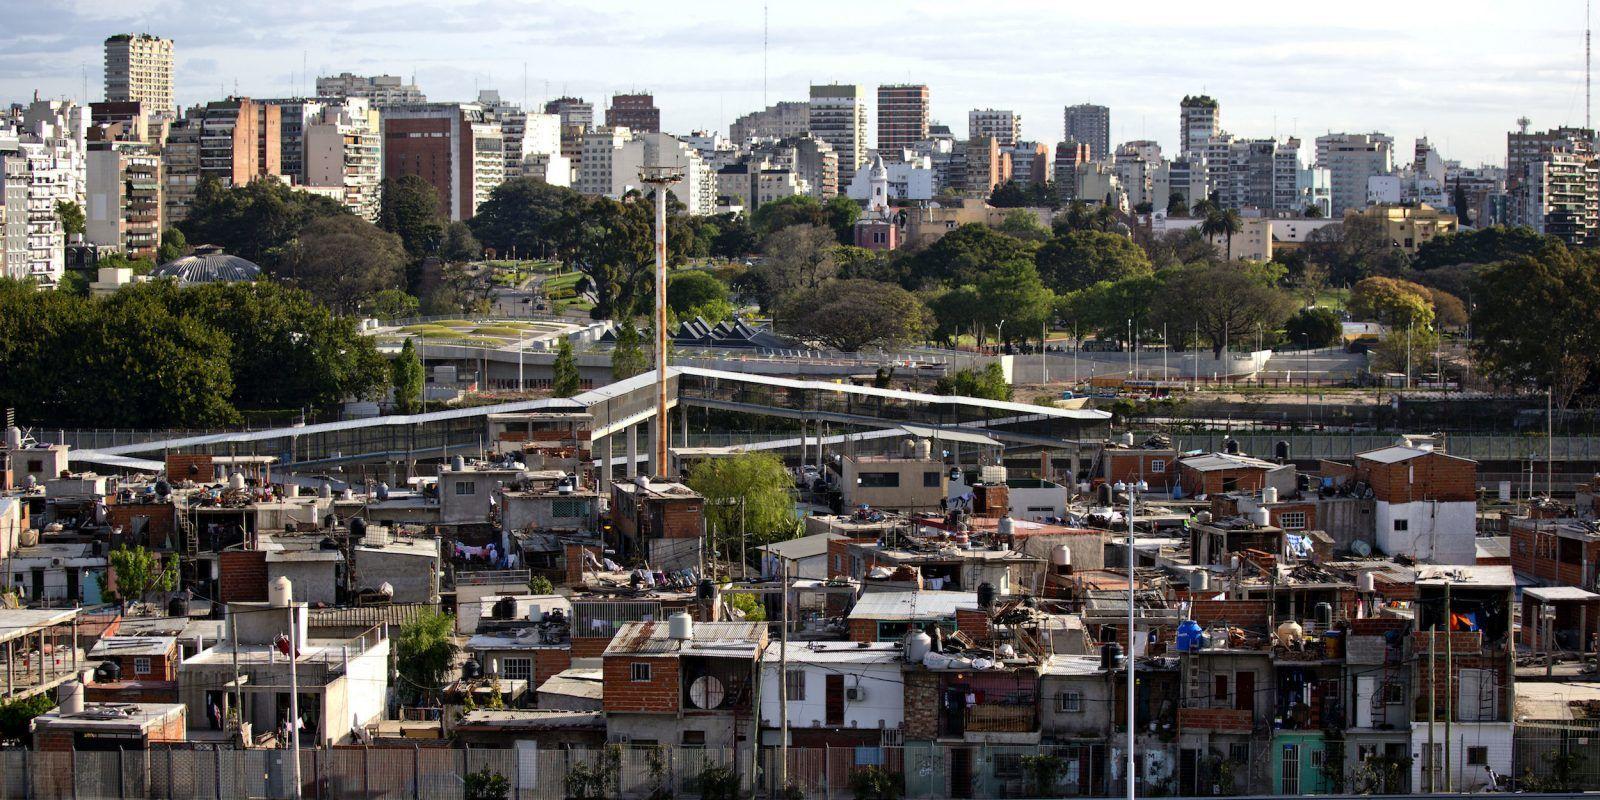 La barriada de Villa 31, con el centro de la ciudad al fondo, en Buenos Aires, Argentina. / AP. Imagen Por: La barriada de Villa 31, con el centro de la ciudad al fondo, en Buenos Aires, Argentina. / AP